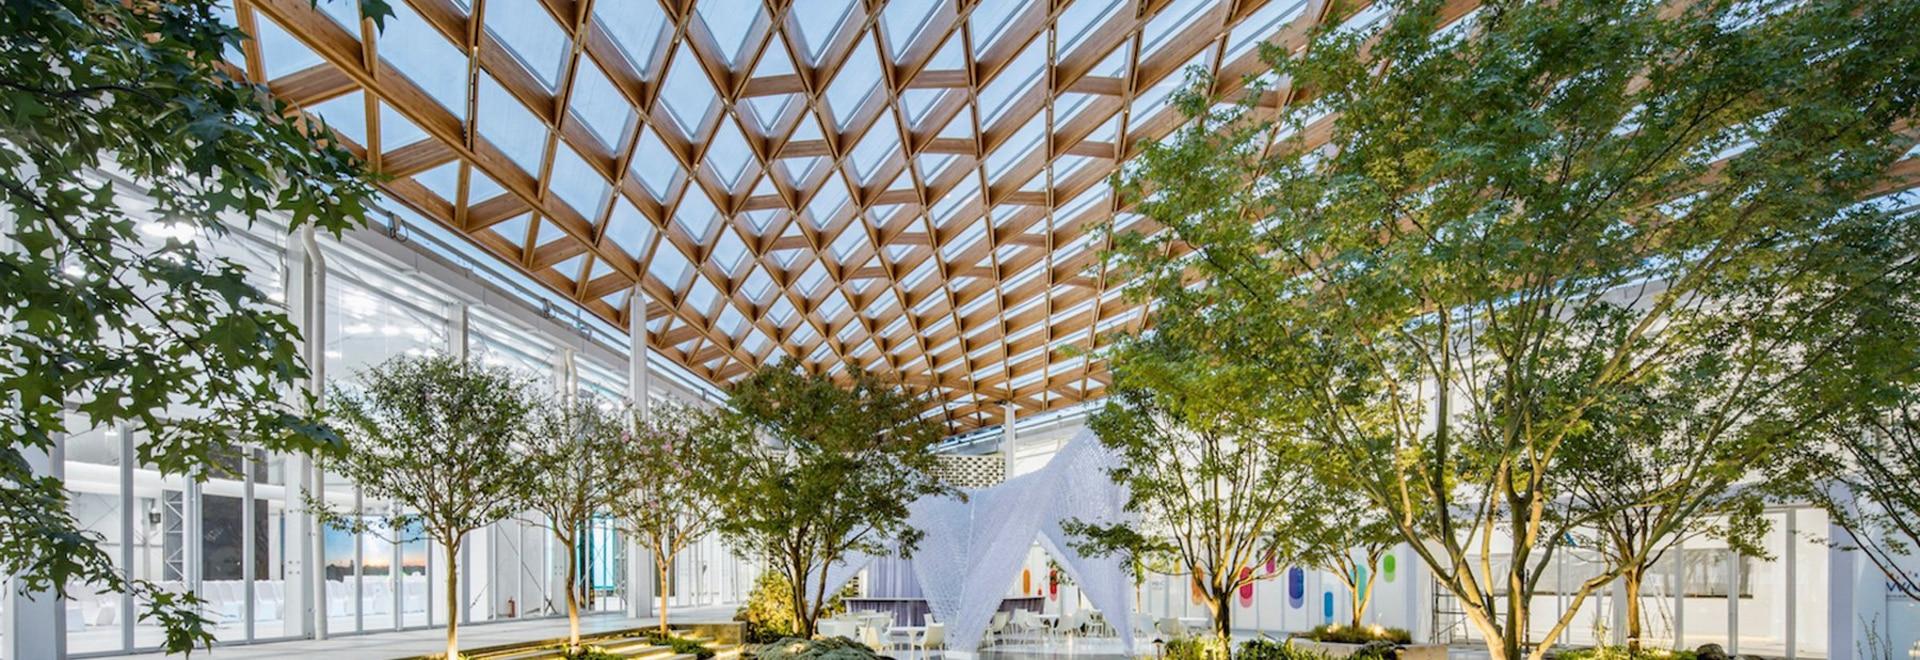 la Archi-unión construye el lugar de 8.885 sqm en 100 días usando la construcción prefabricada y 3D-printing